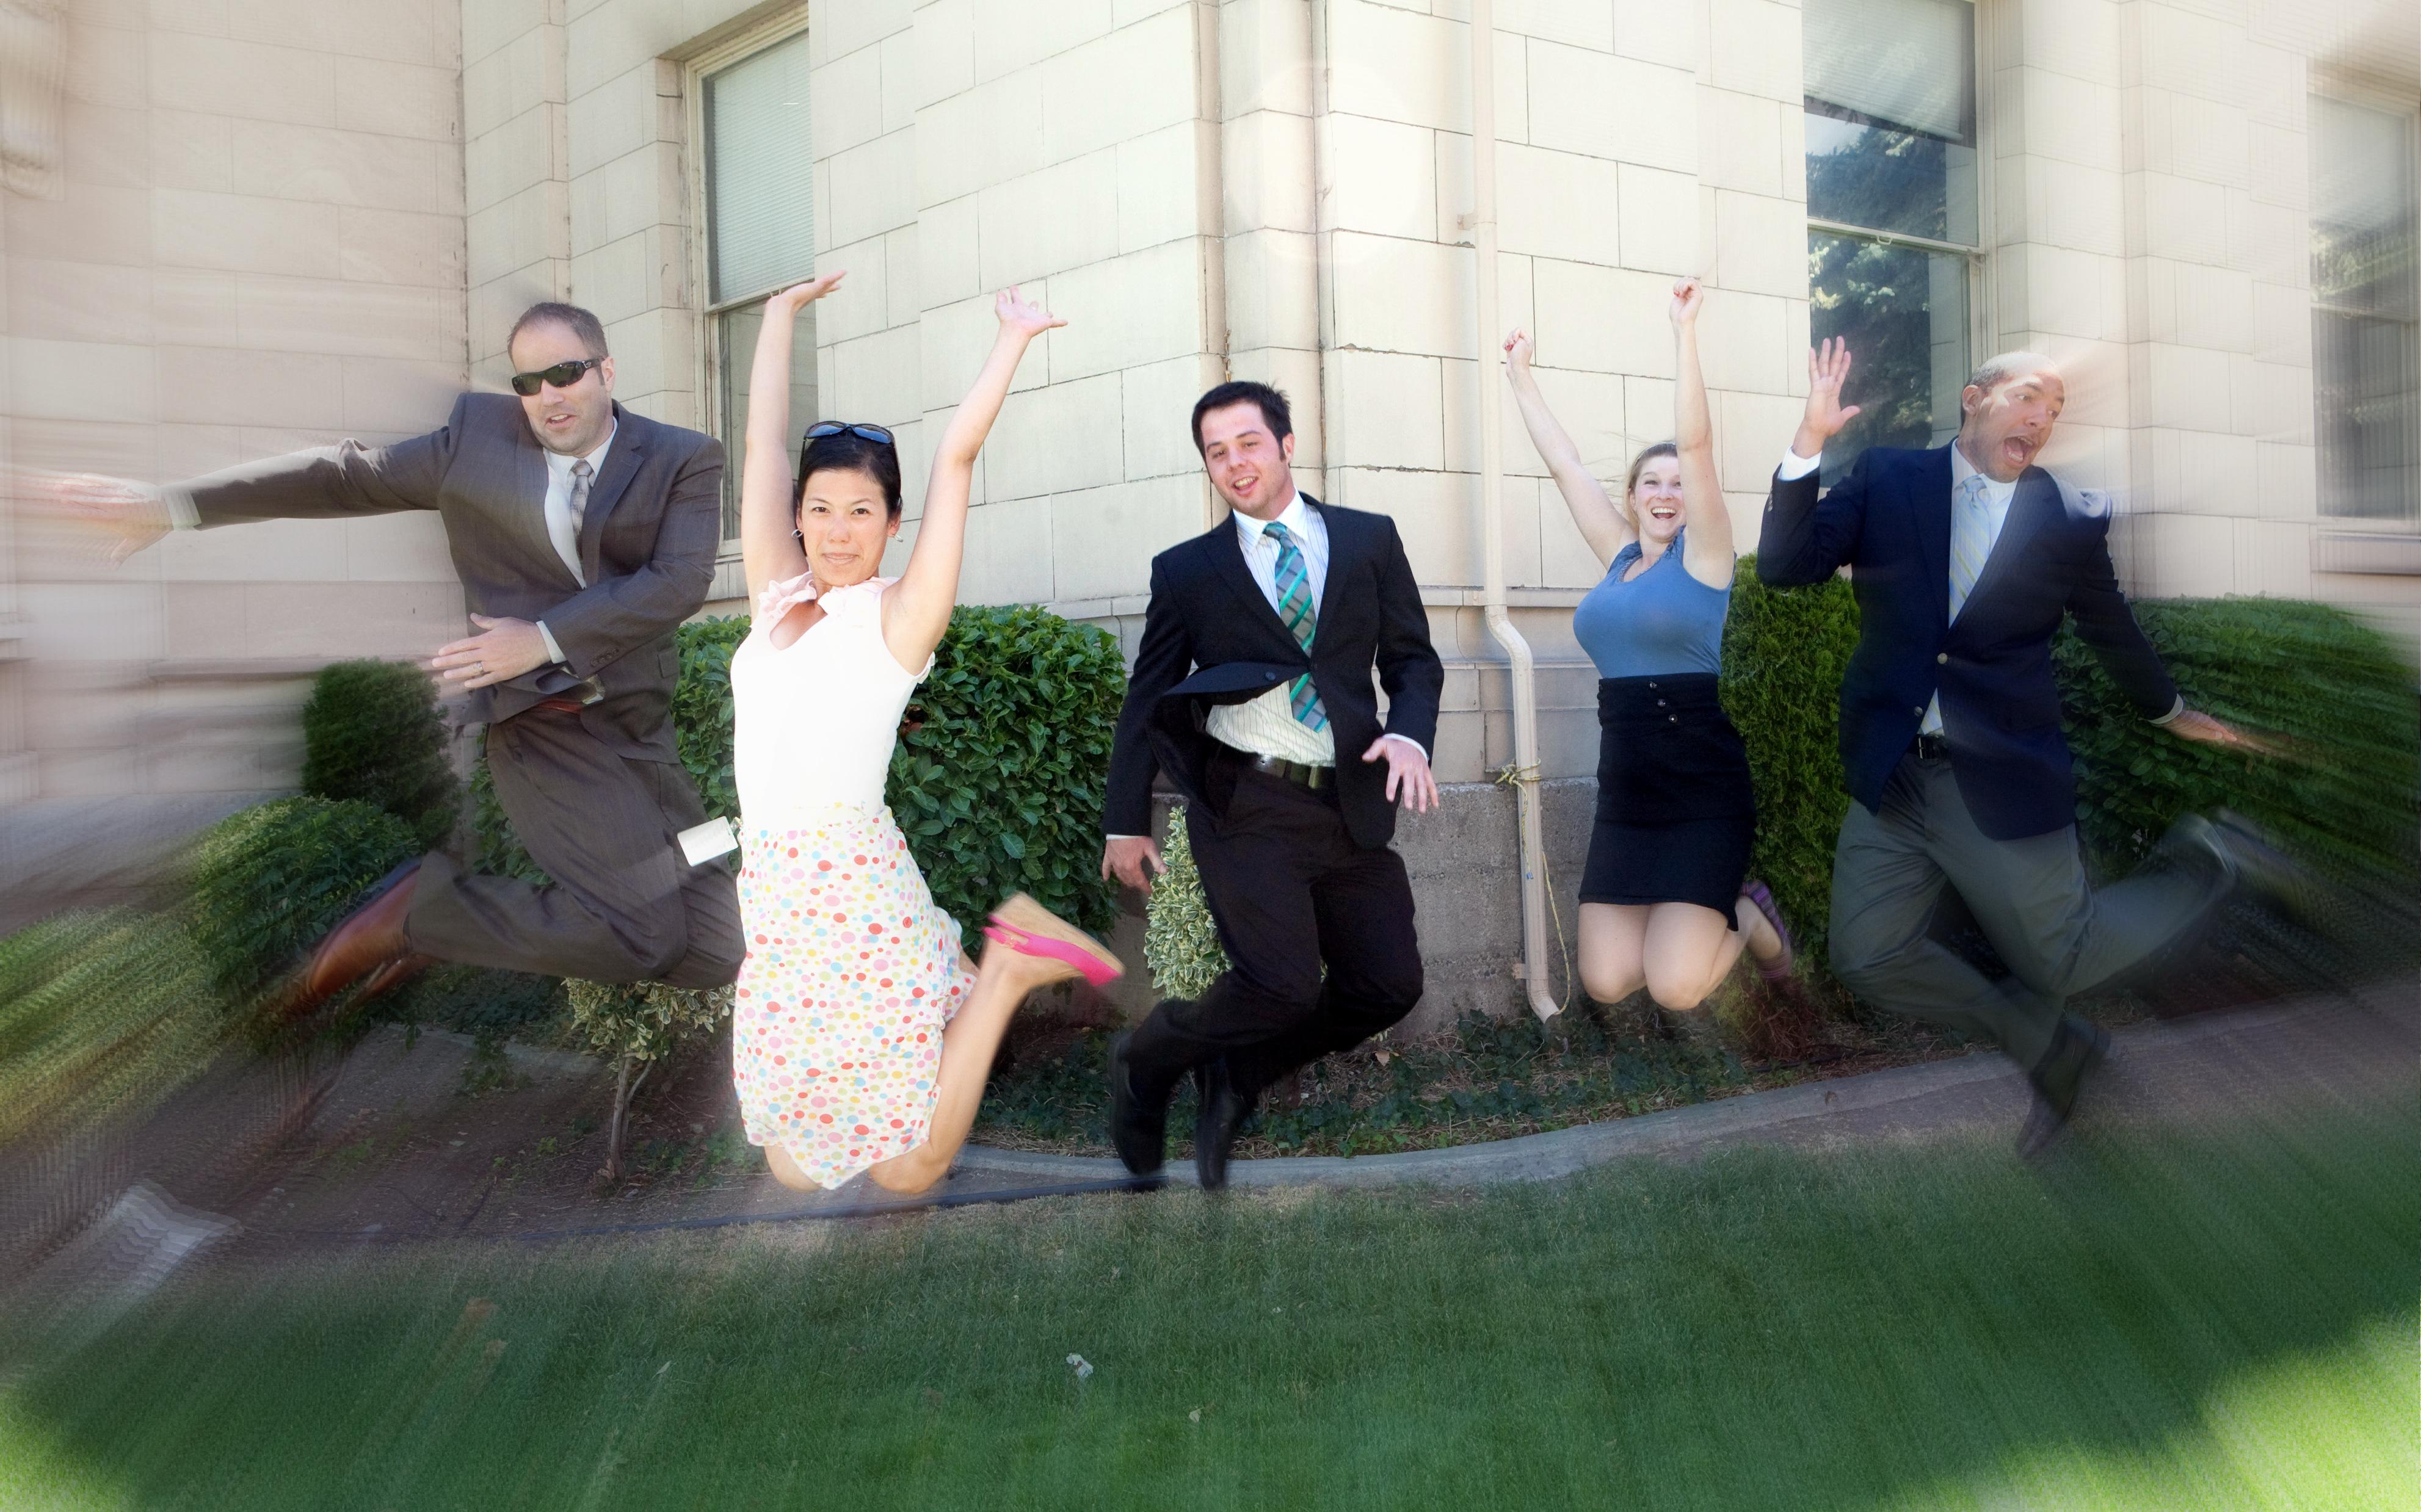 jump for joy photo